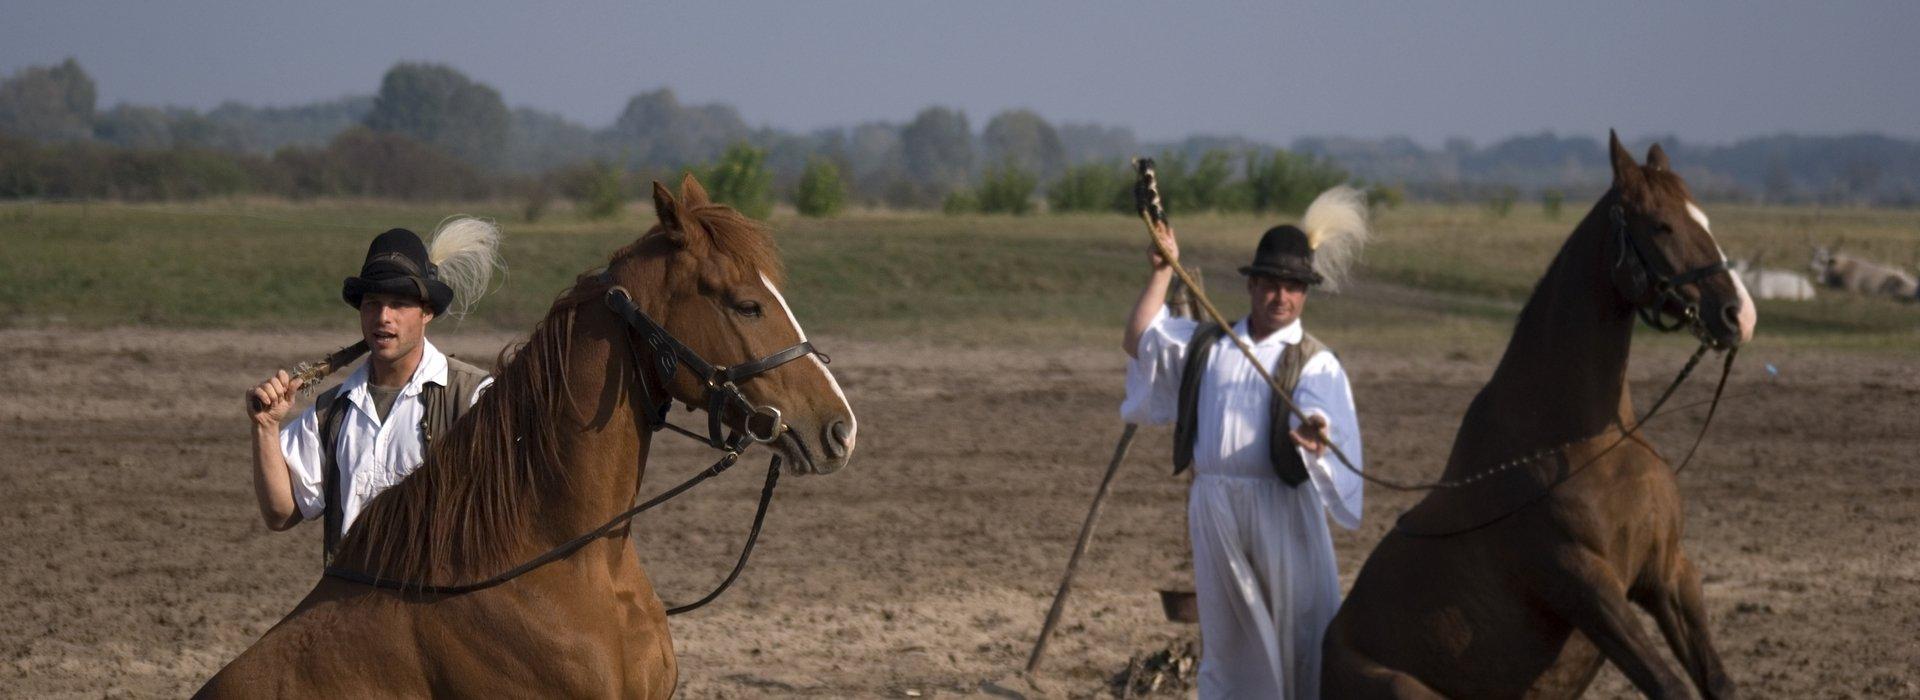 Hortobágy Kultur – Kulturelles Leben in Hortobágy, Ungarn